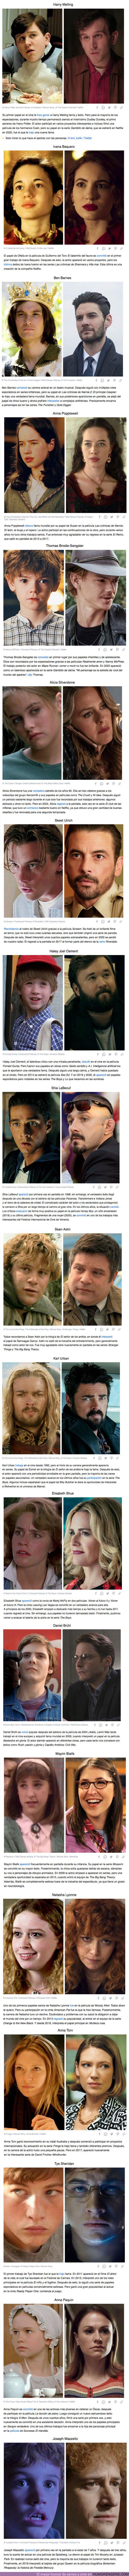 66158 - GALERÍA: 19 Actores que habían sido olvidados, pero que regresaron magistralmente a la pantalla